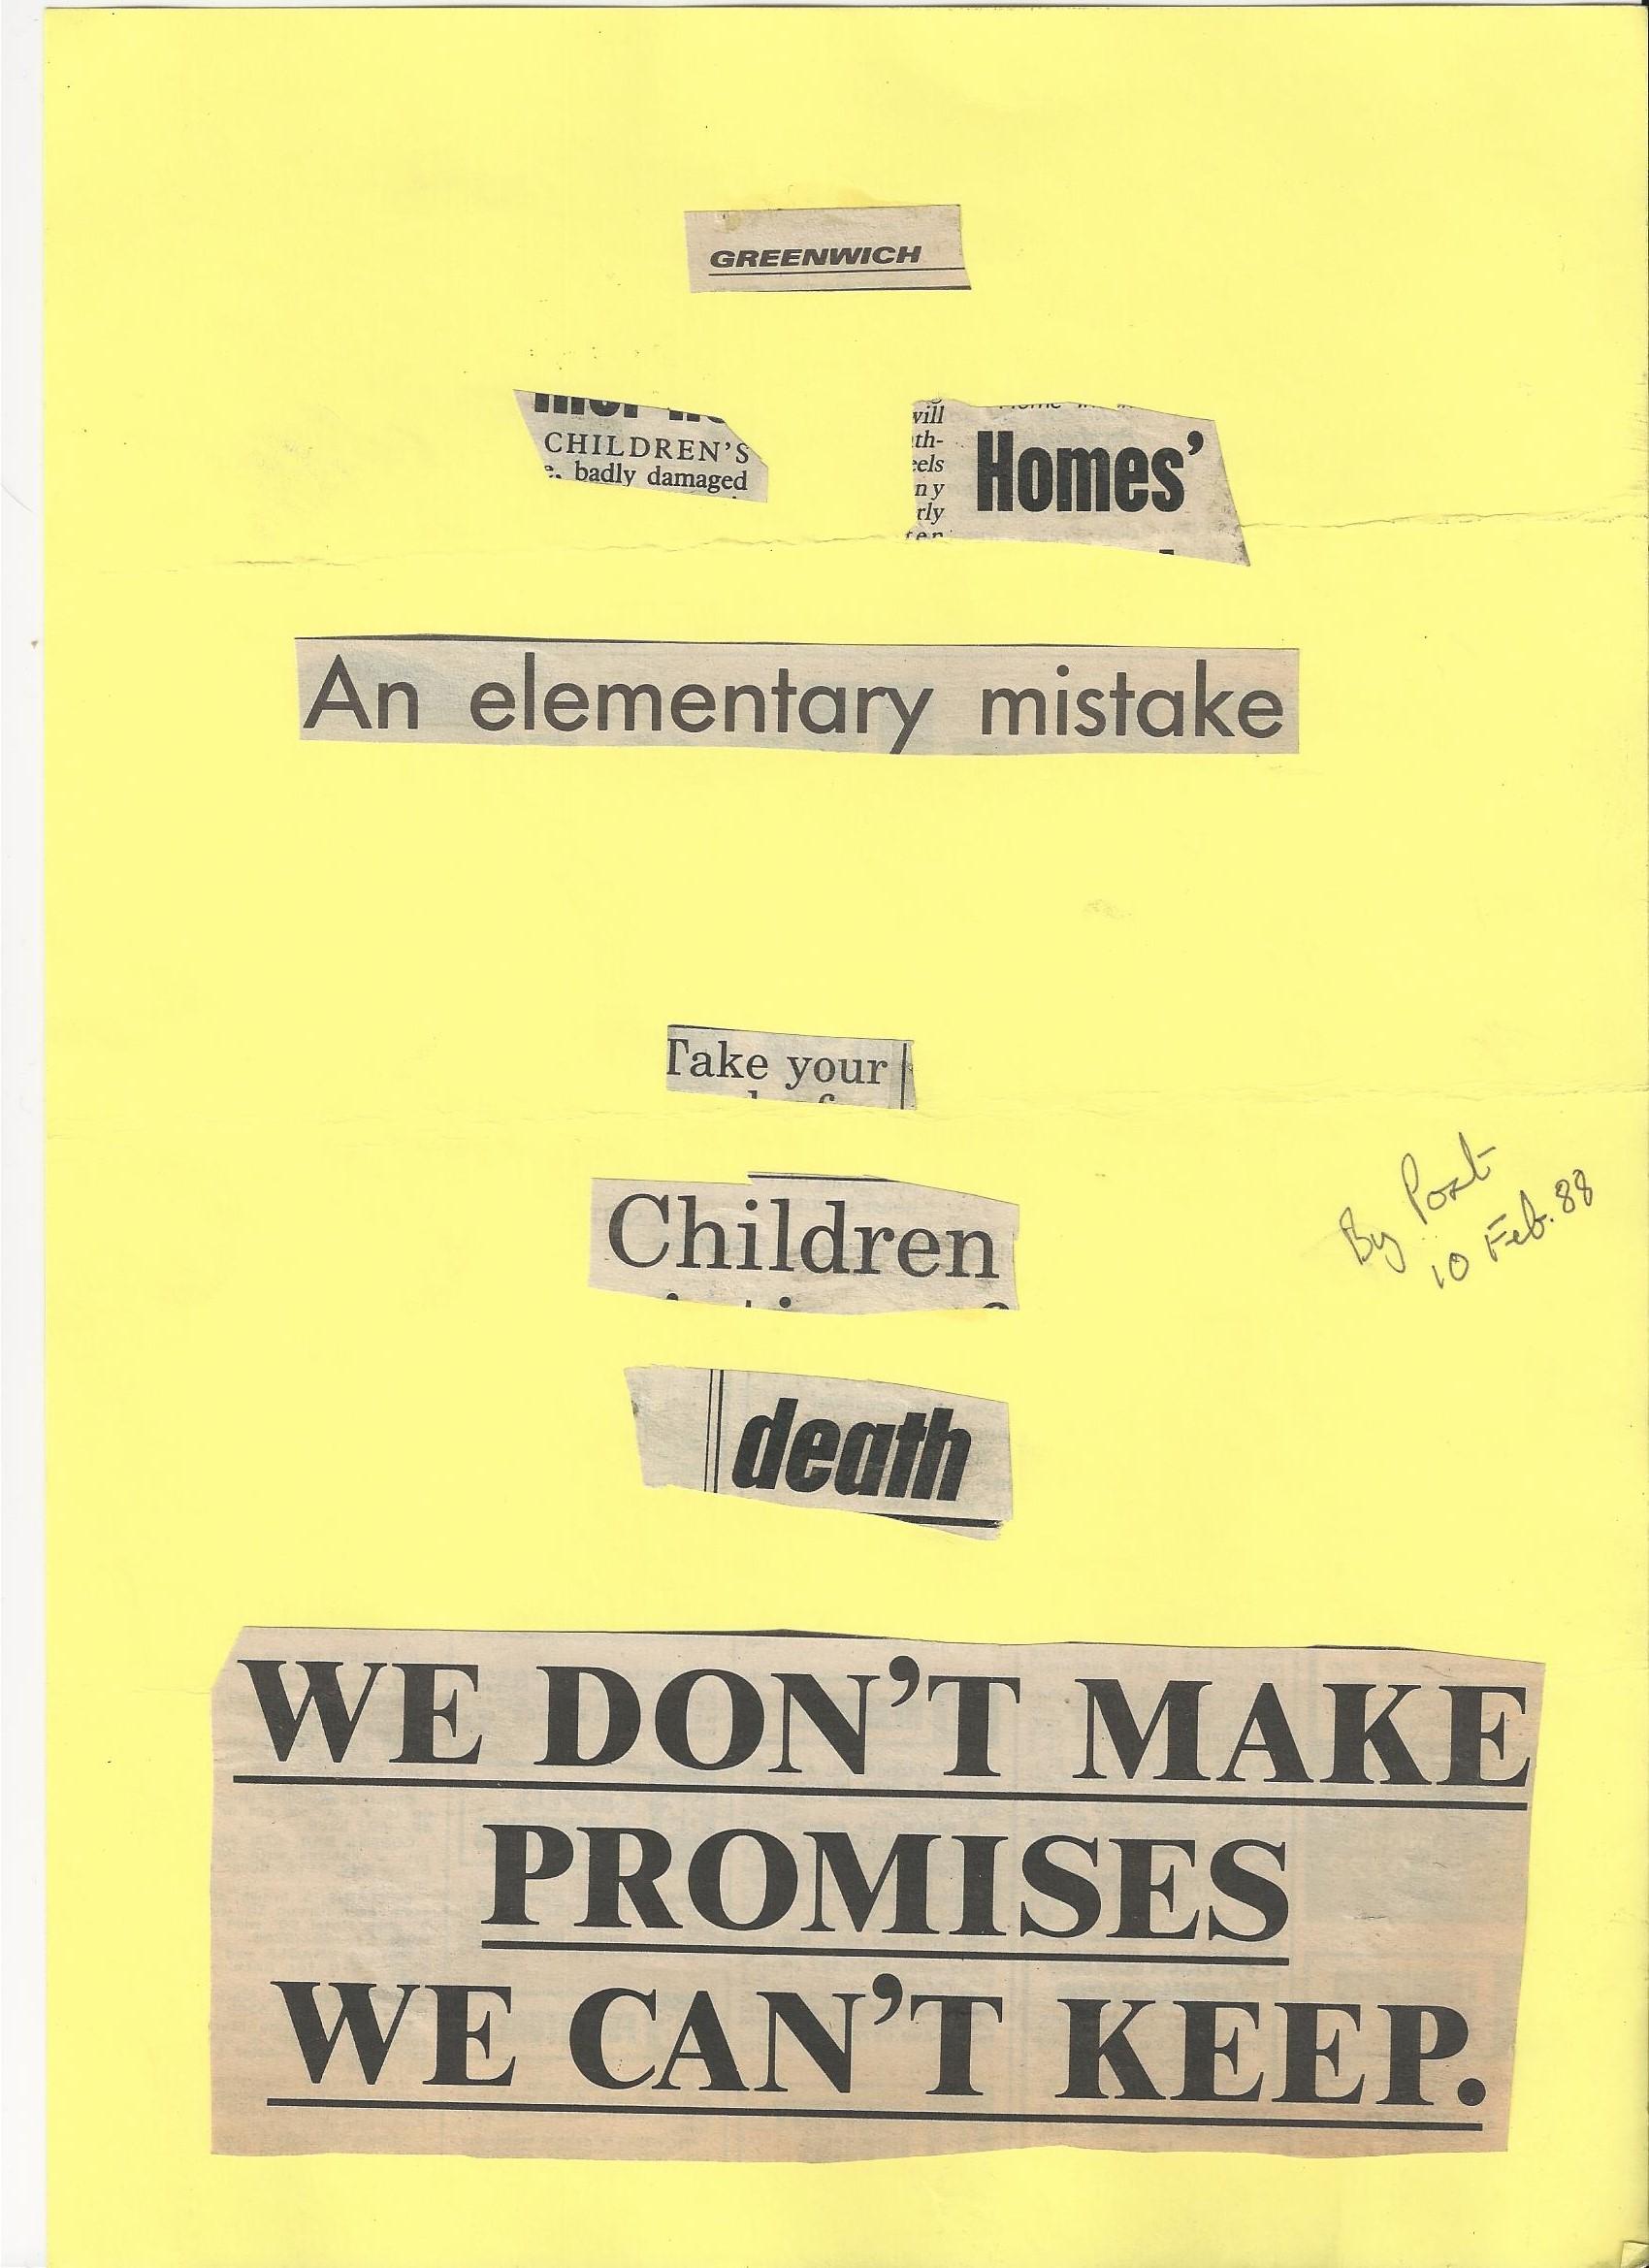 Poison Pen Letter Sent To Chris Fay Feb 1988 | theneedleblog